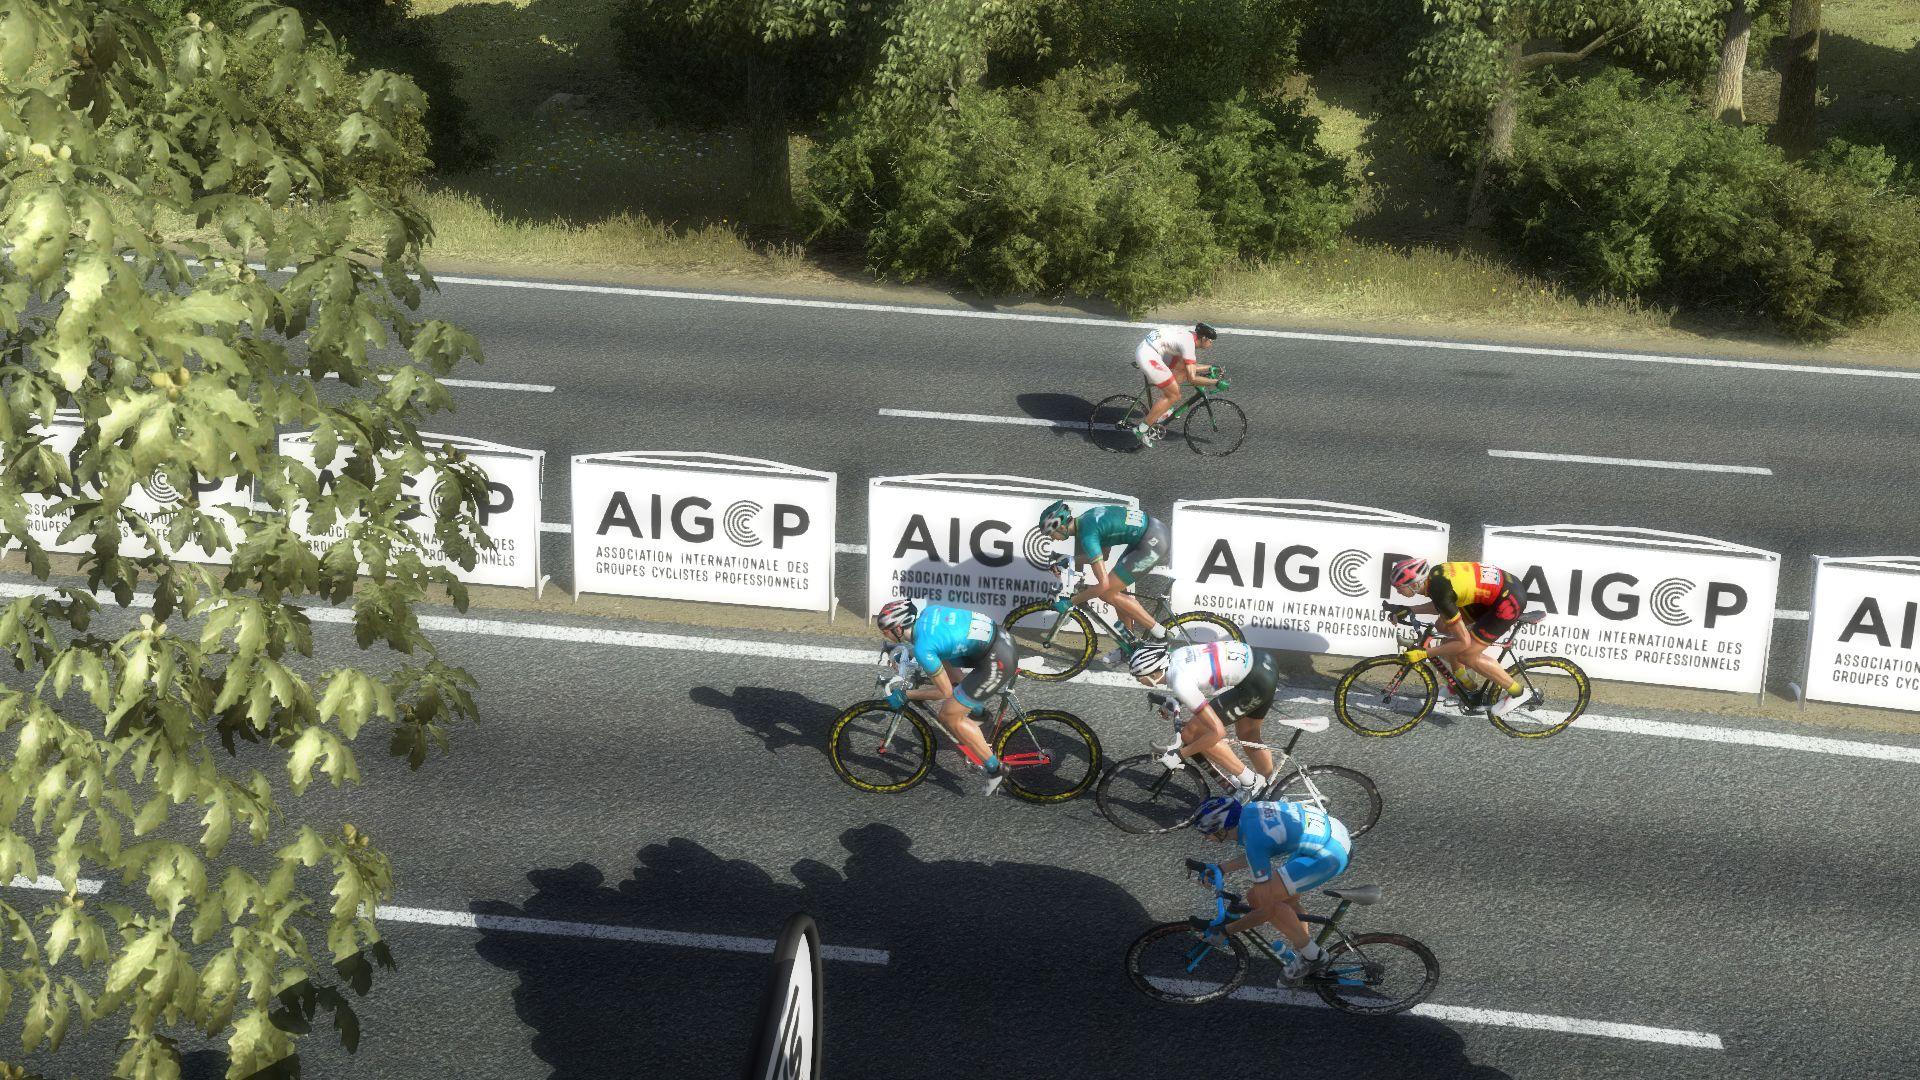 pcmdaily.com/images/mg/2019/Races/PT/Badaling/mg19_bad_18.jpg